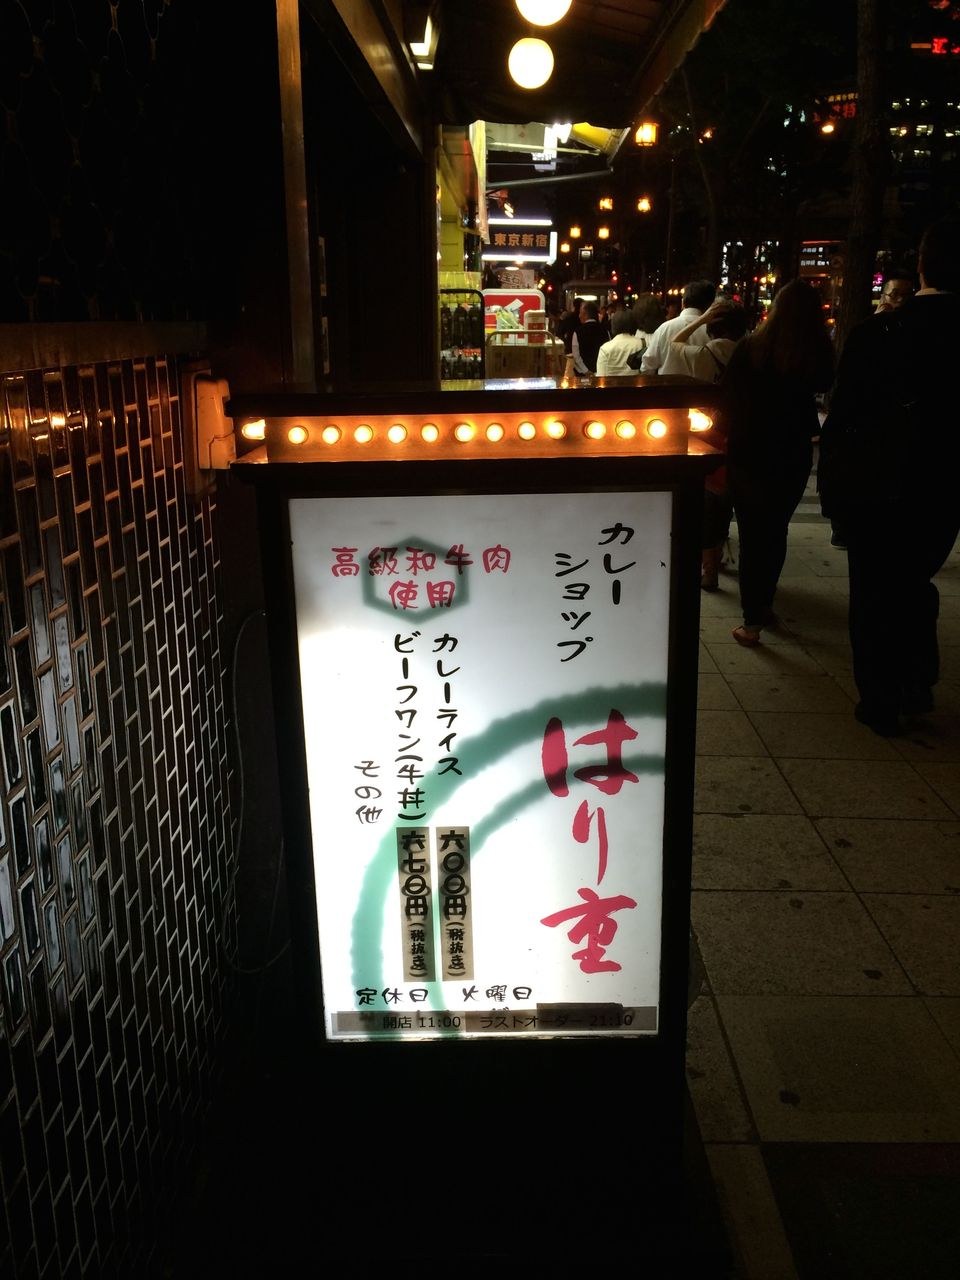 はり重カレーショップ(大阪・道頓堀)